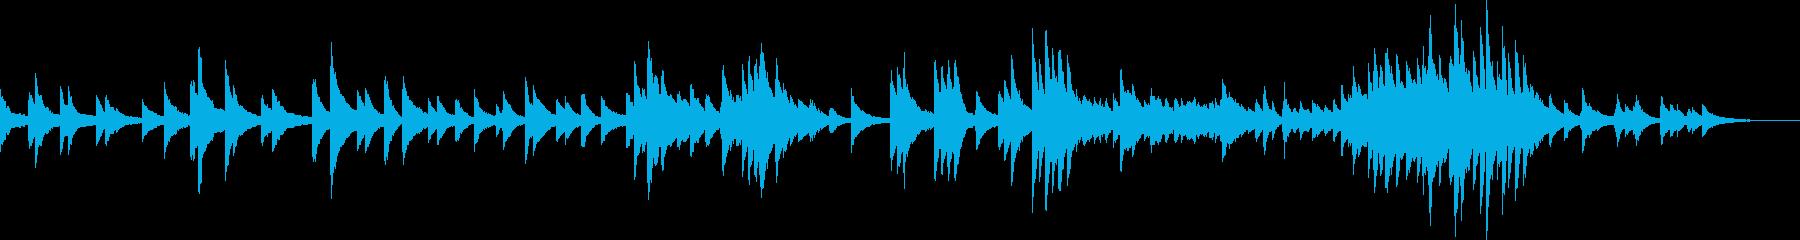 何気ない日常(ピアノ・BGM・爽やか)の再生済みの波形